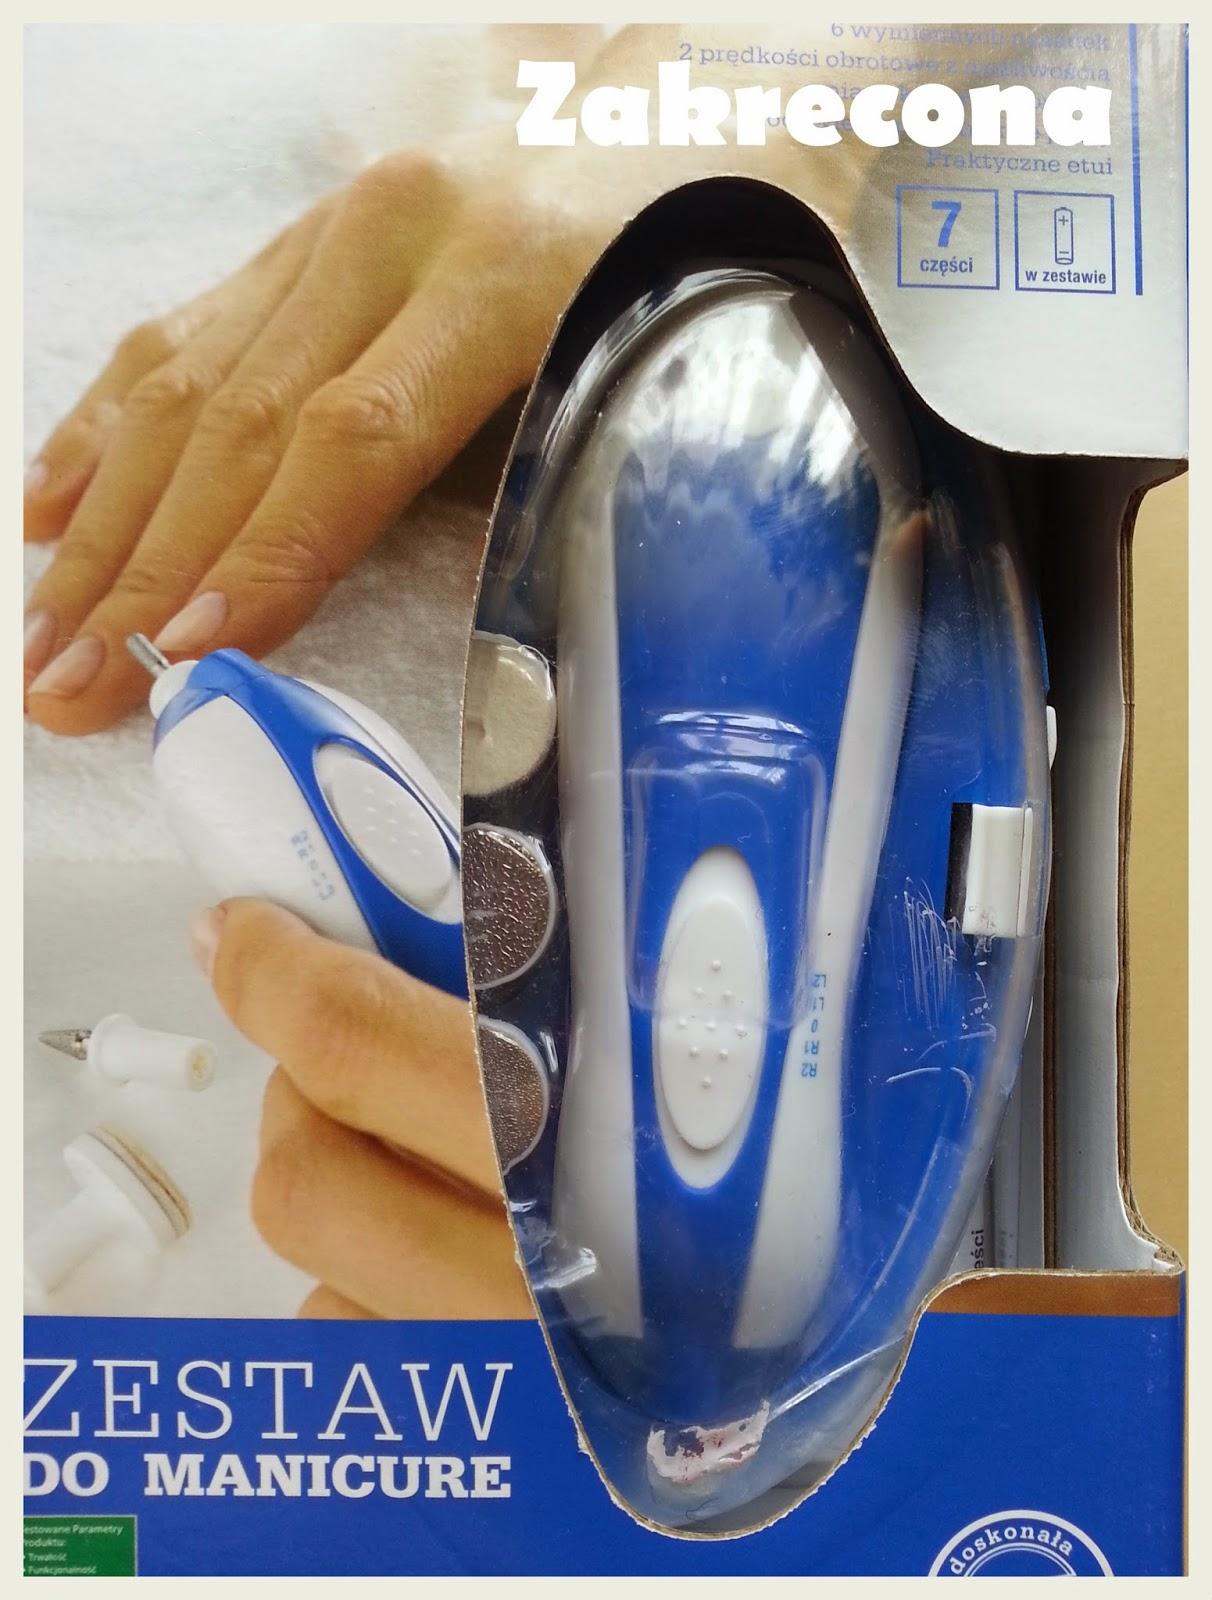 Frezarka, zestaw do manicure z Biedronki